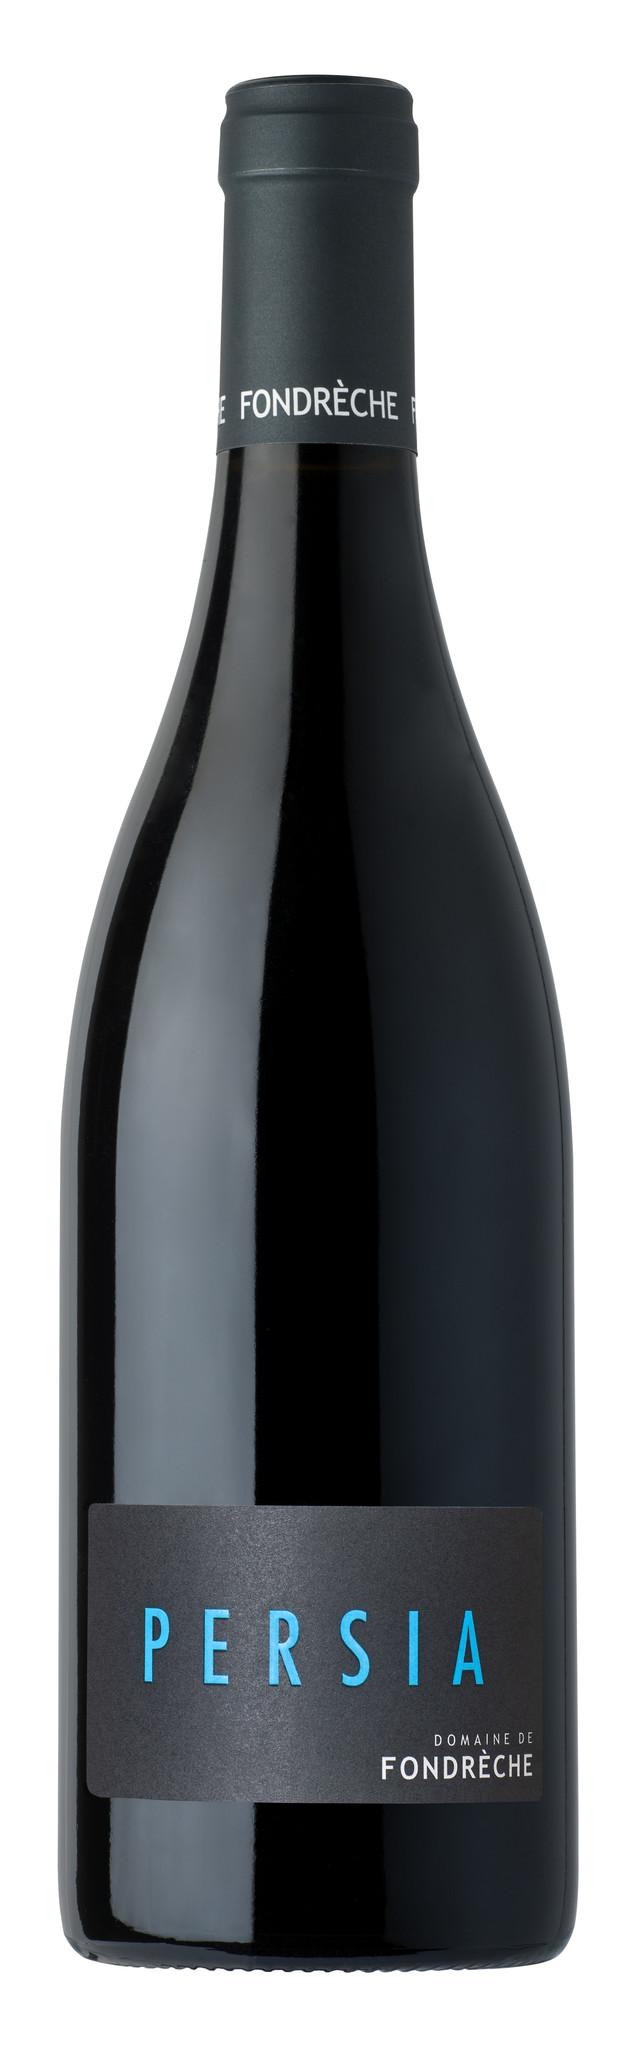 Fondrèche, Côtes de Ventoux Persia, 2018